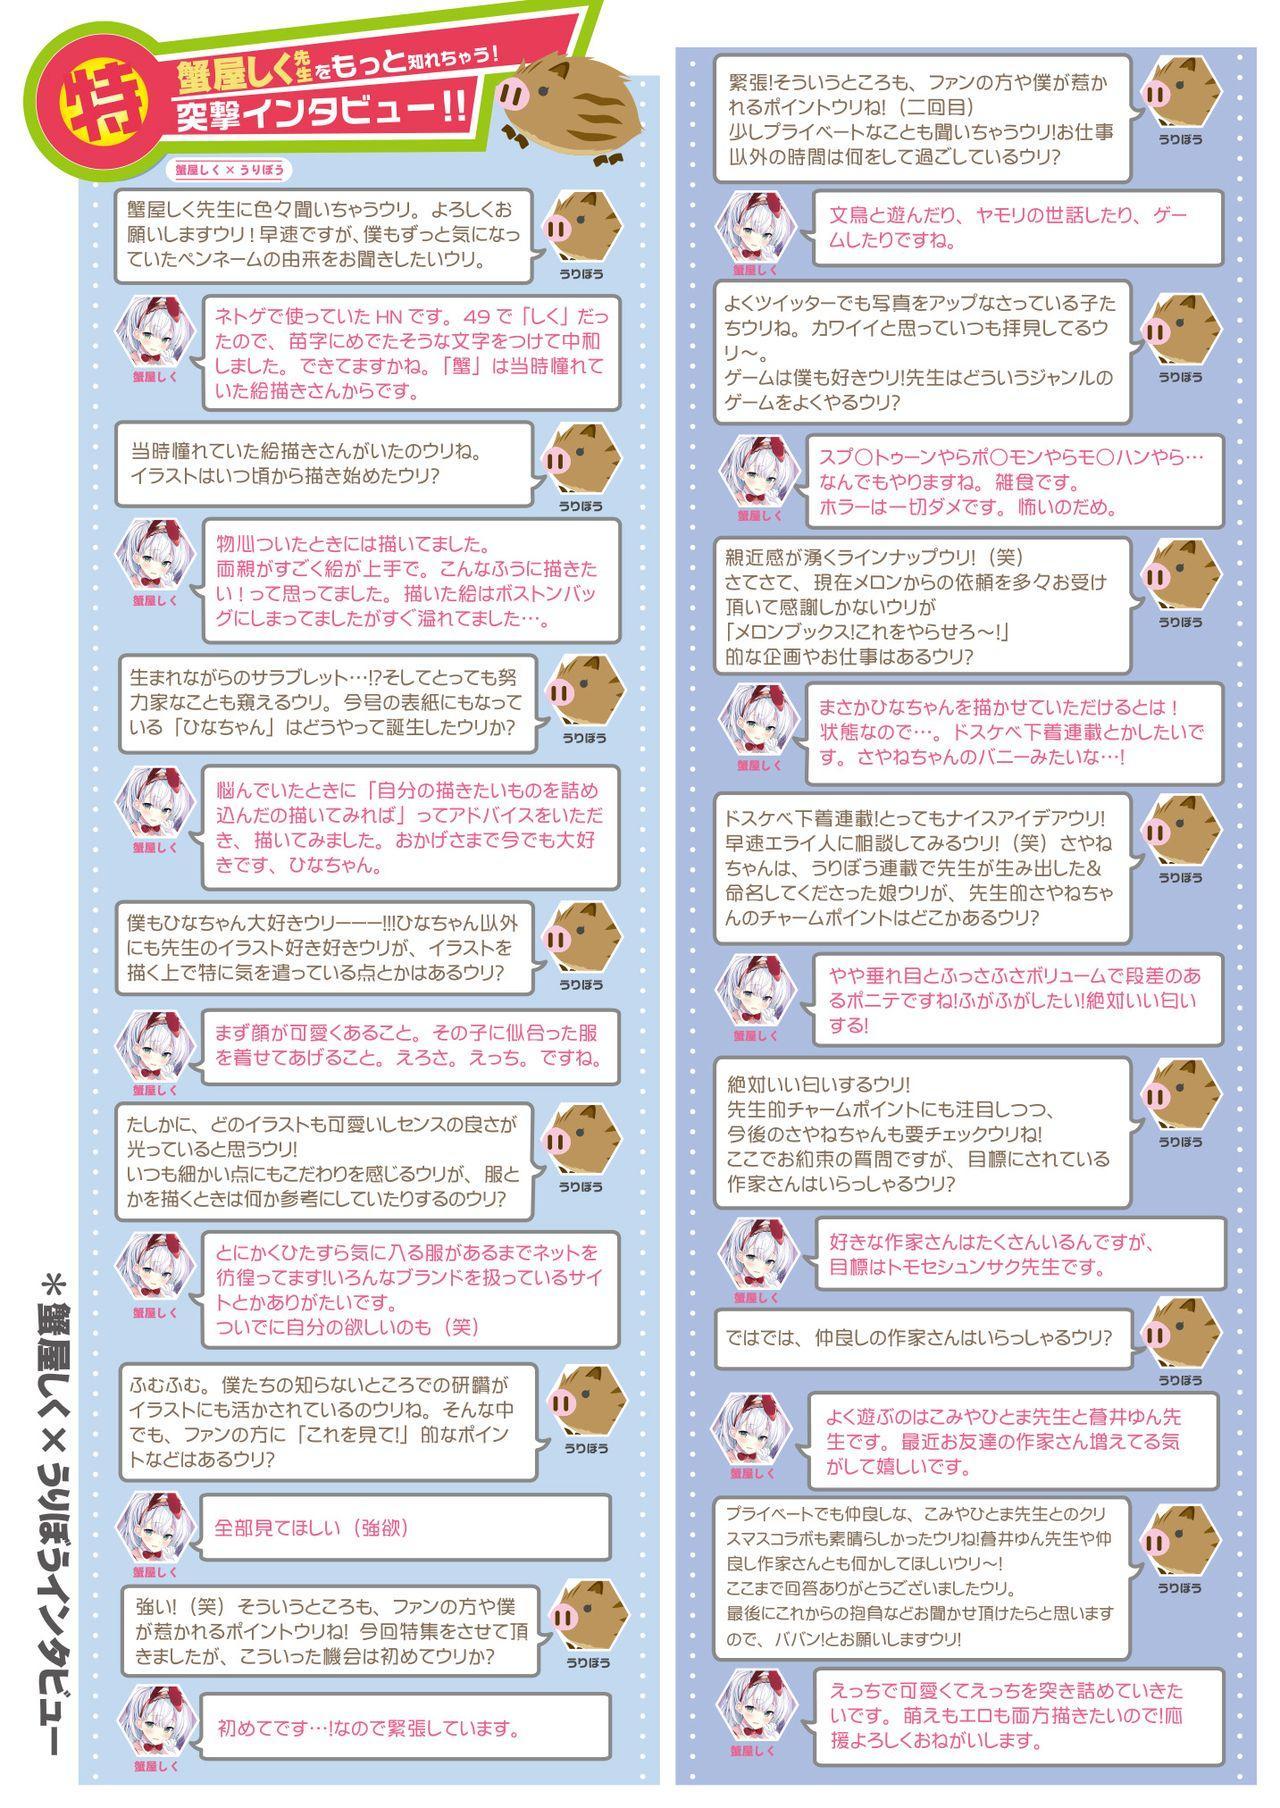 うりぼうざっか店 2020年4月3日発行号 4